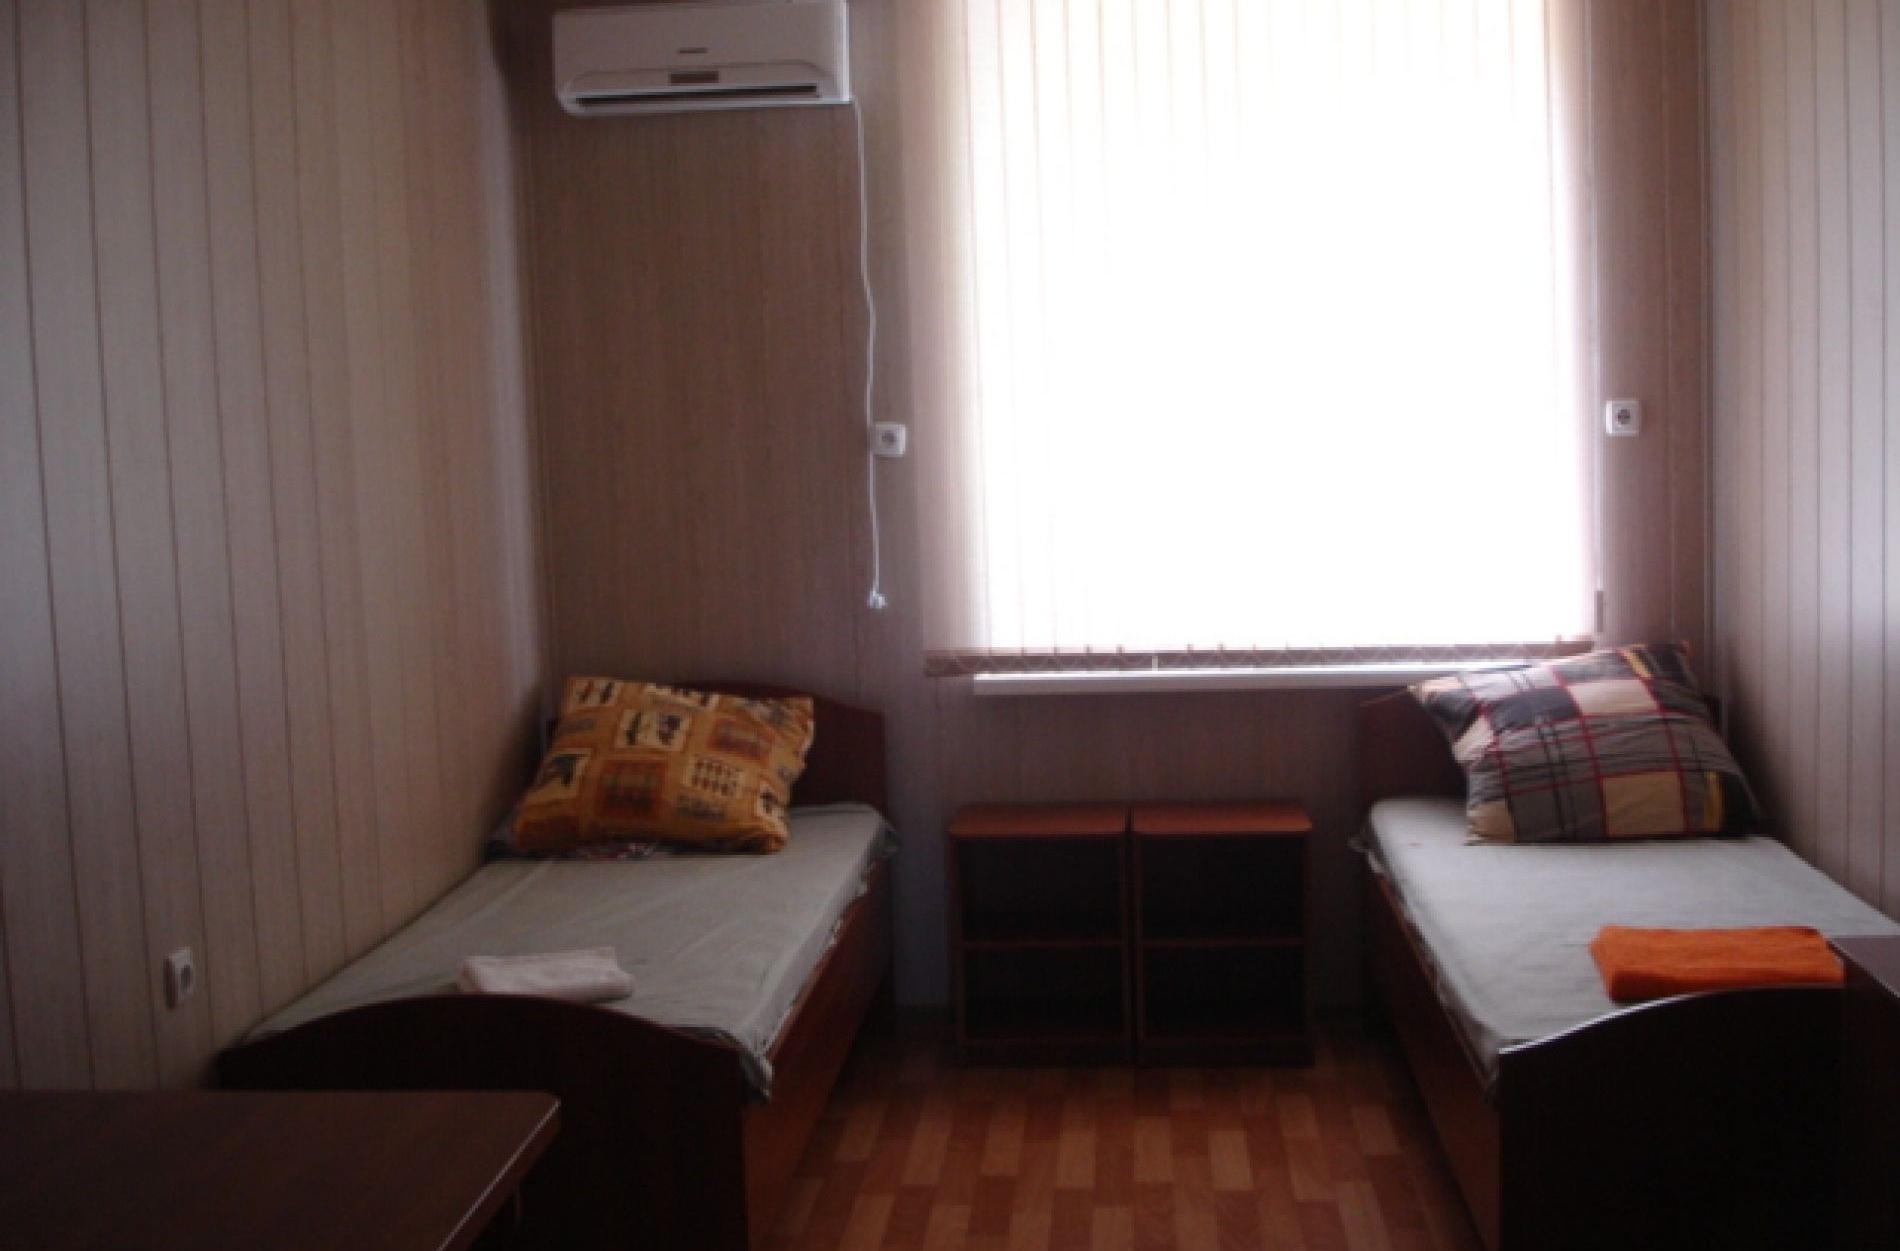 """База отдыха """"Юный каспиец"""" Астраханская область 4-местный номер эконом-класса, фото 1"""